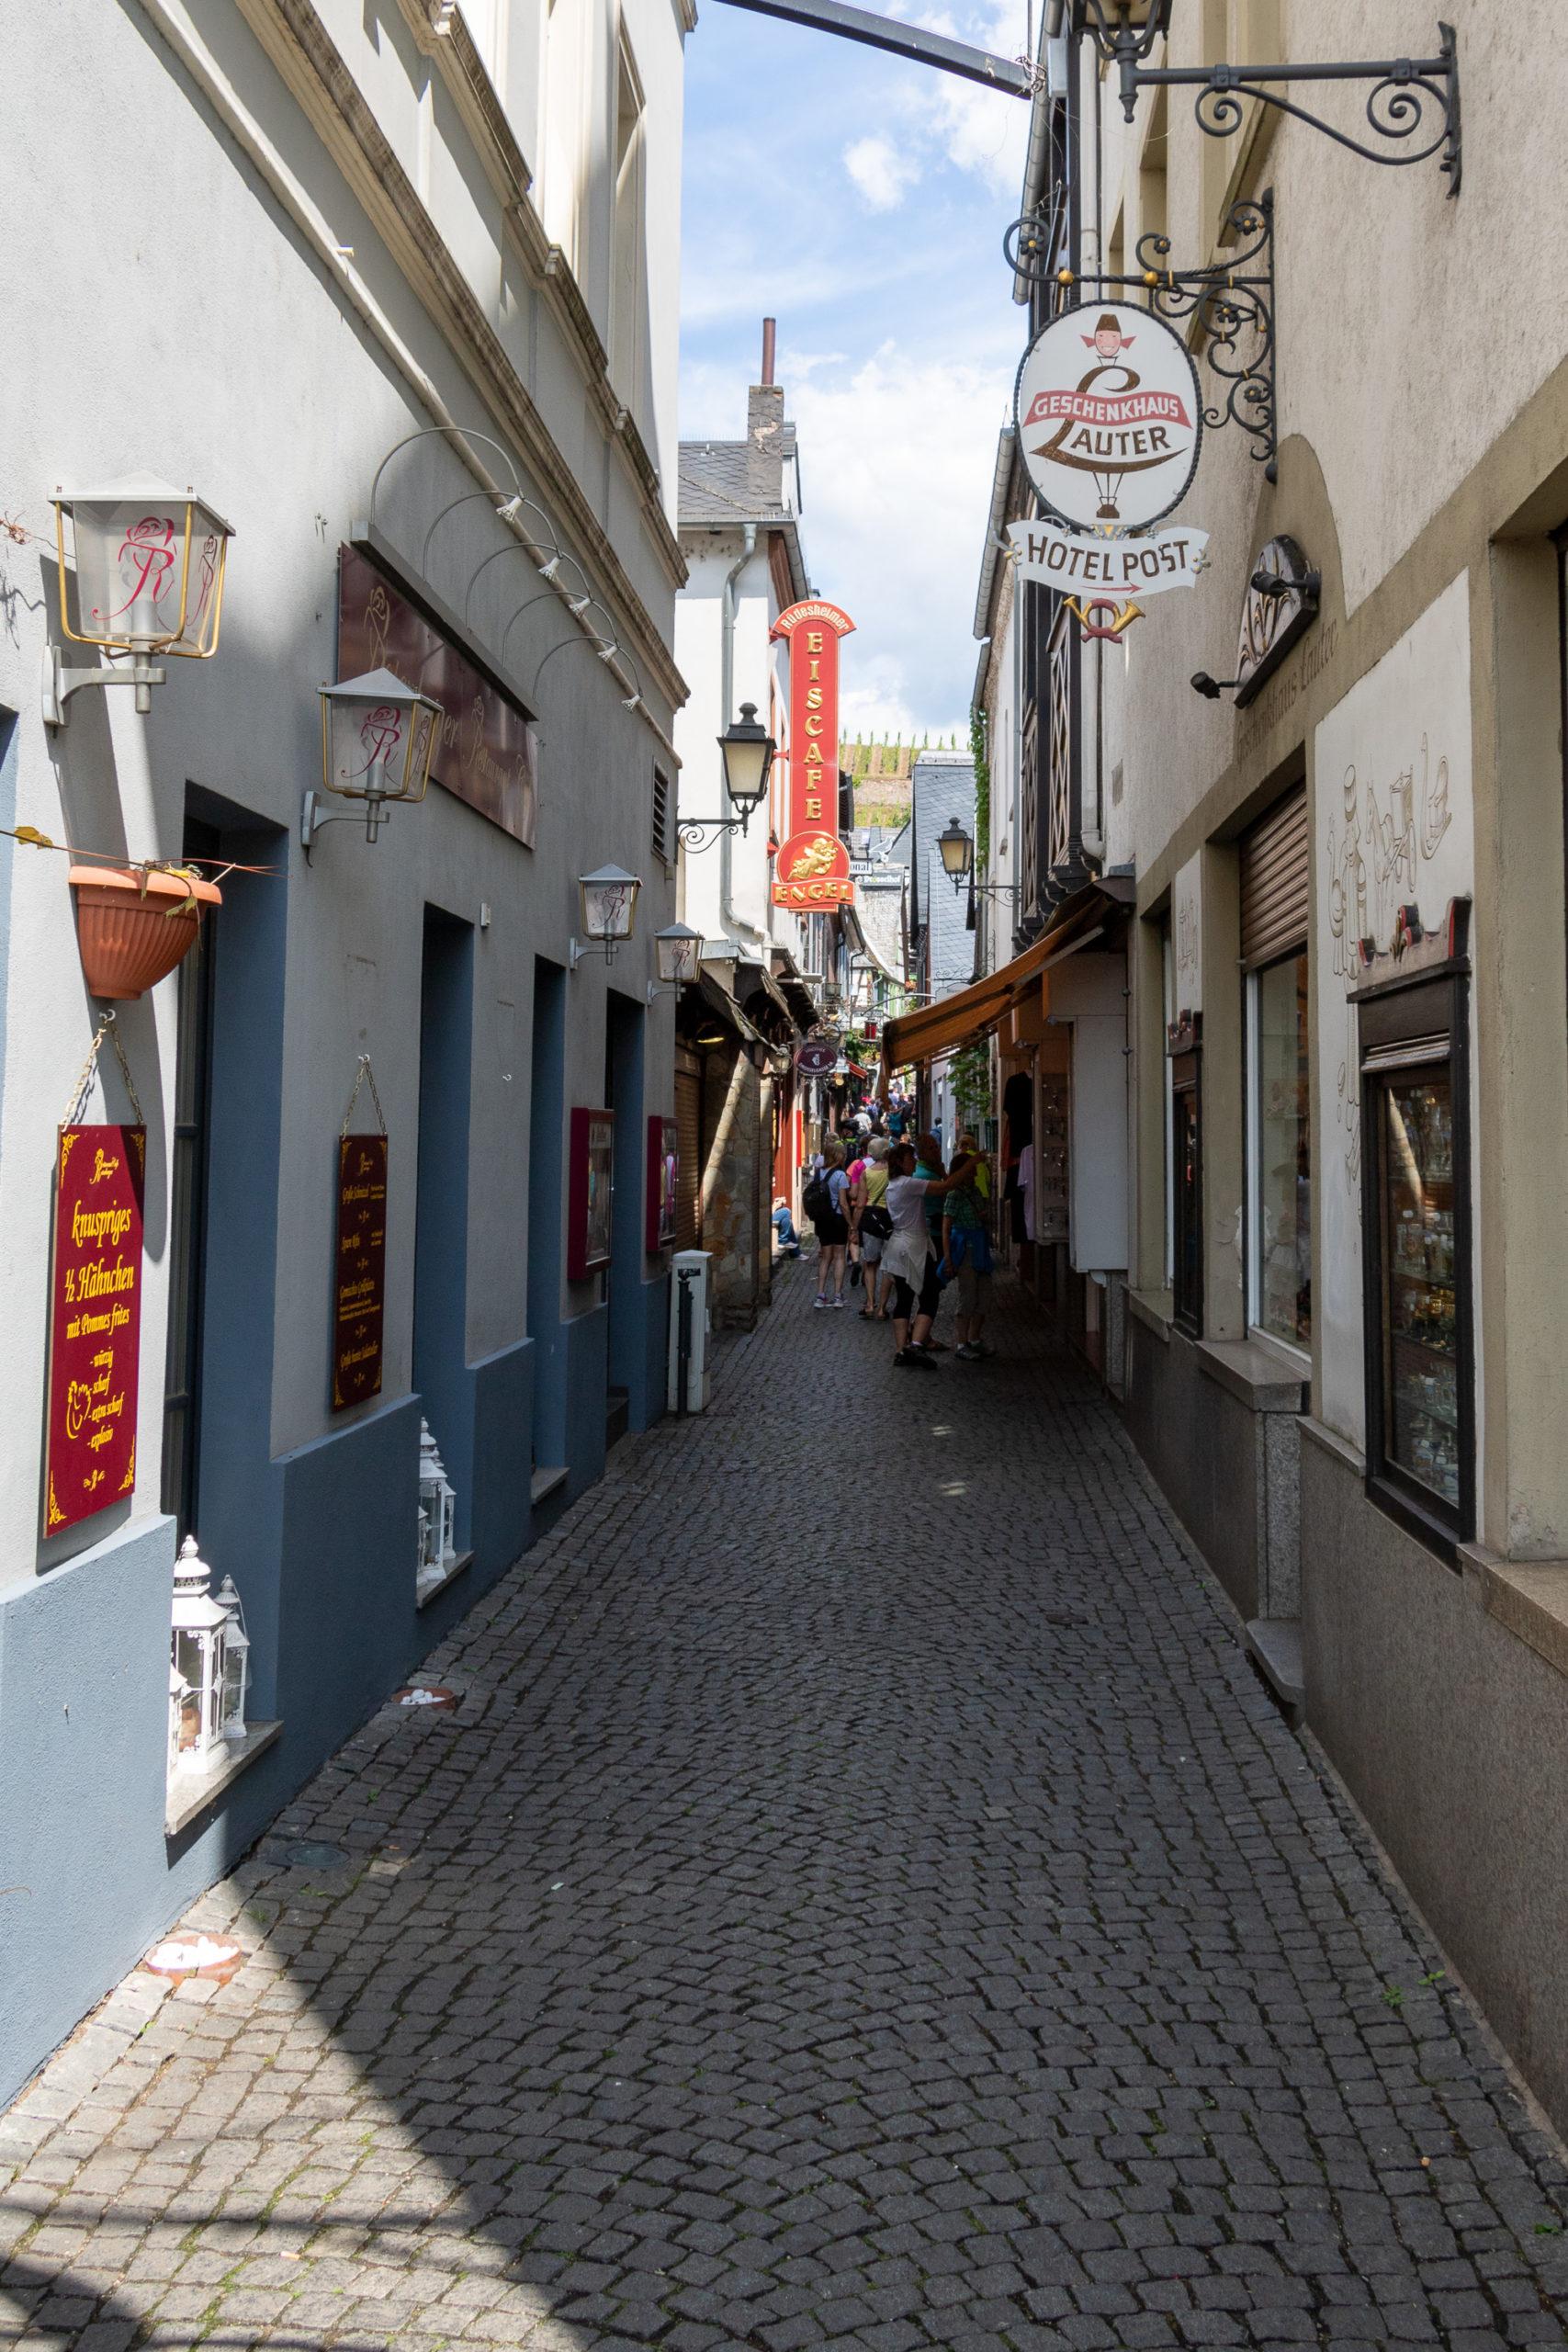 Eine enge Gasse, man sieht Schilder von Geschäften, zum Beispiel das Hotel Post.